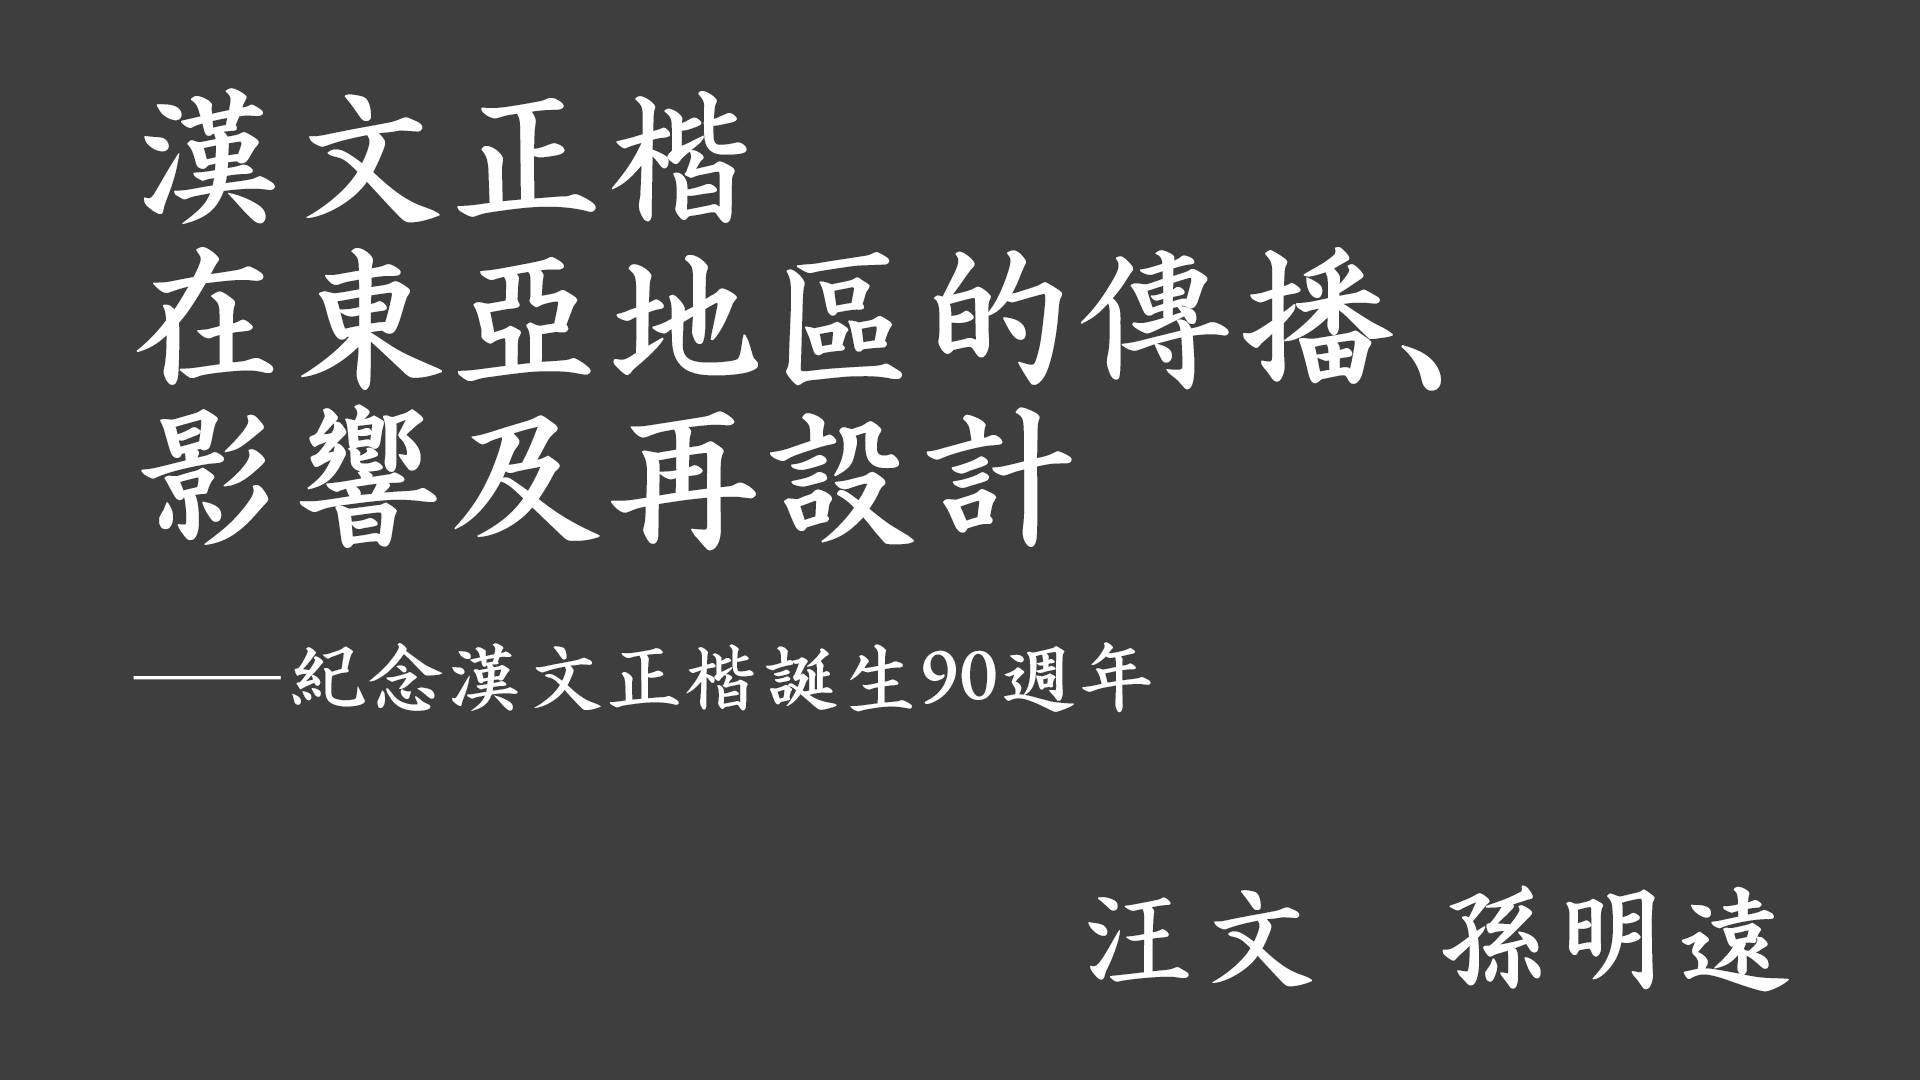 汪文:汉文正楷在东亚地区的传播、影响及再设计